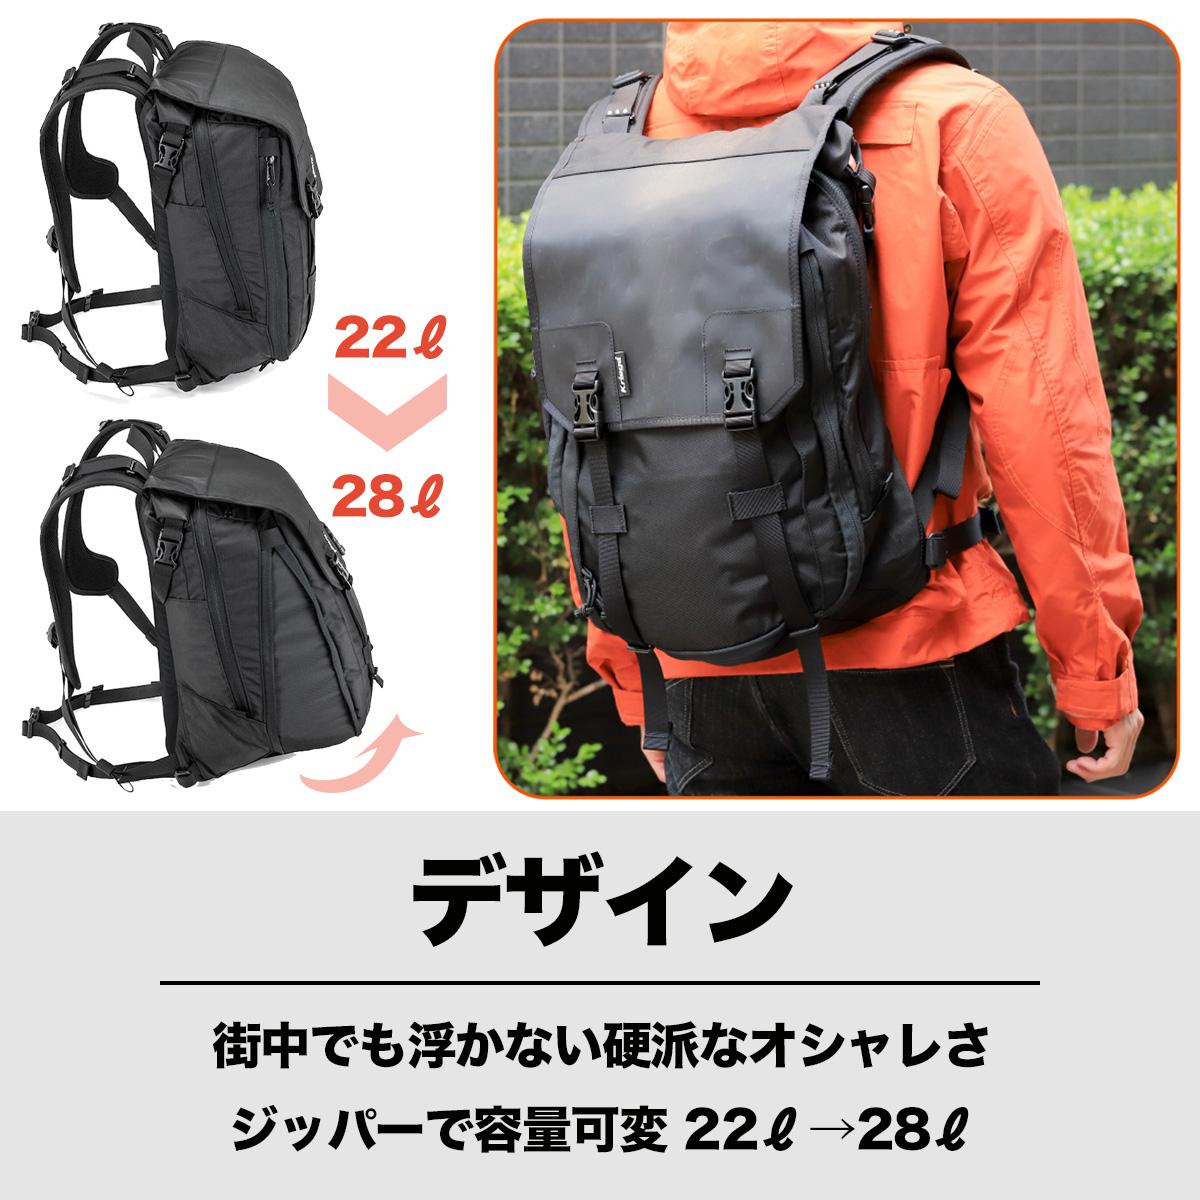 クリーガ MAX28 バックパック Kriega MAX28 Backpack